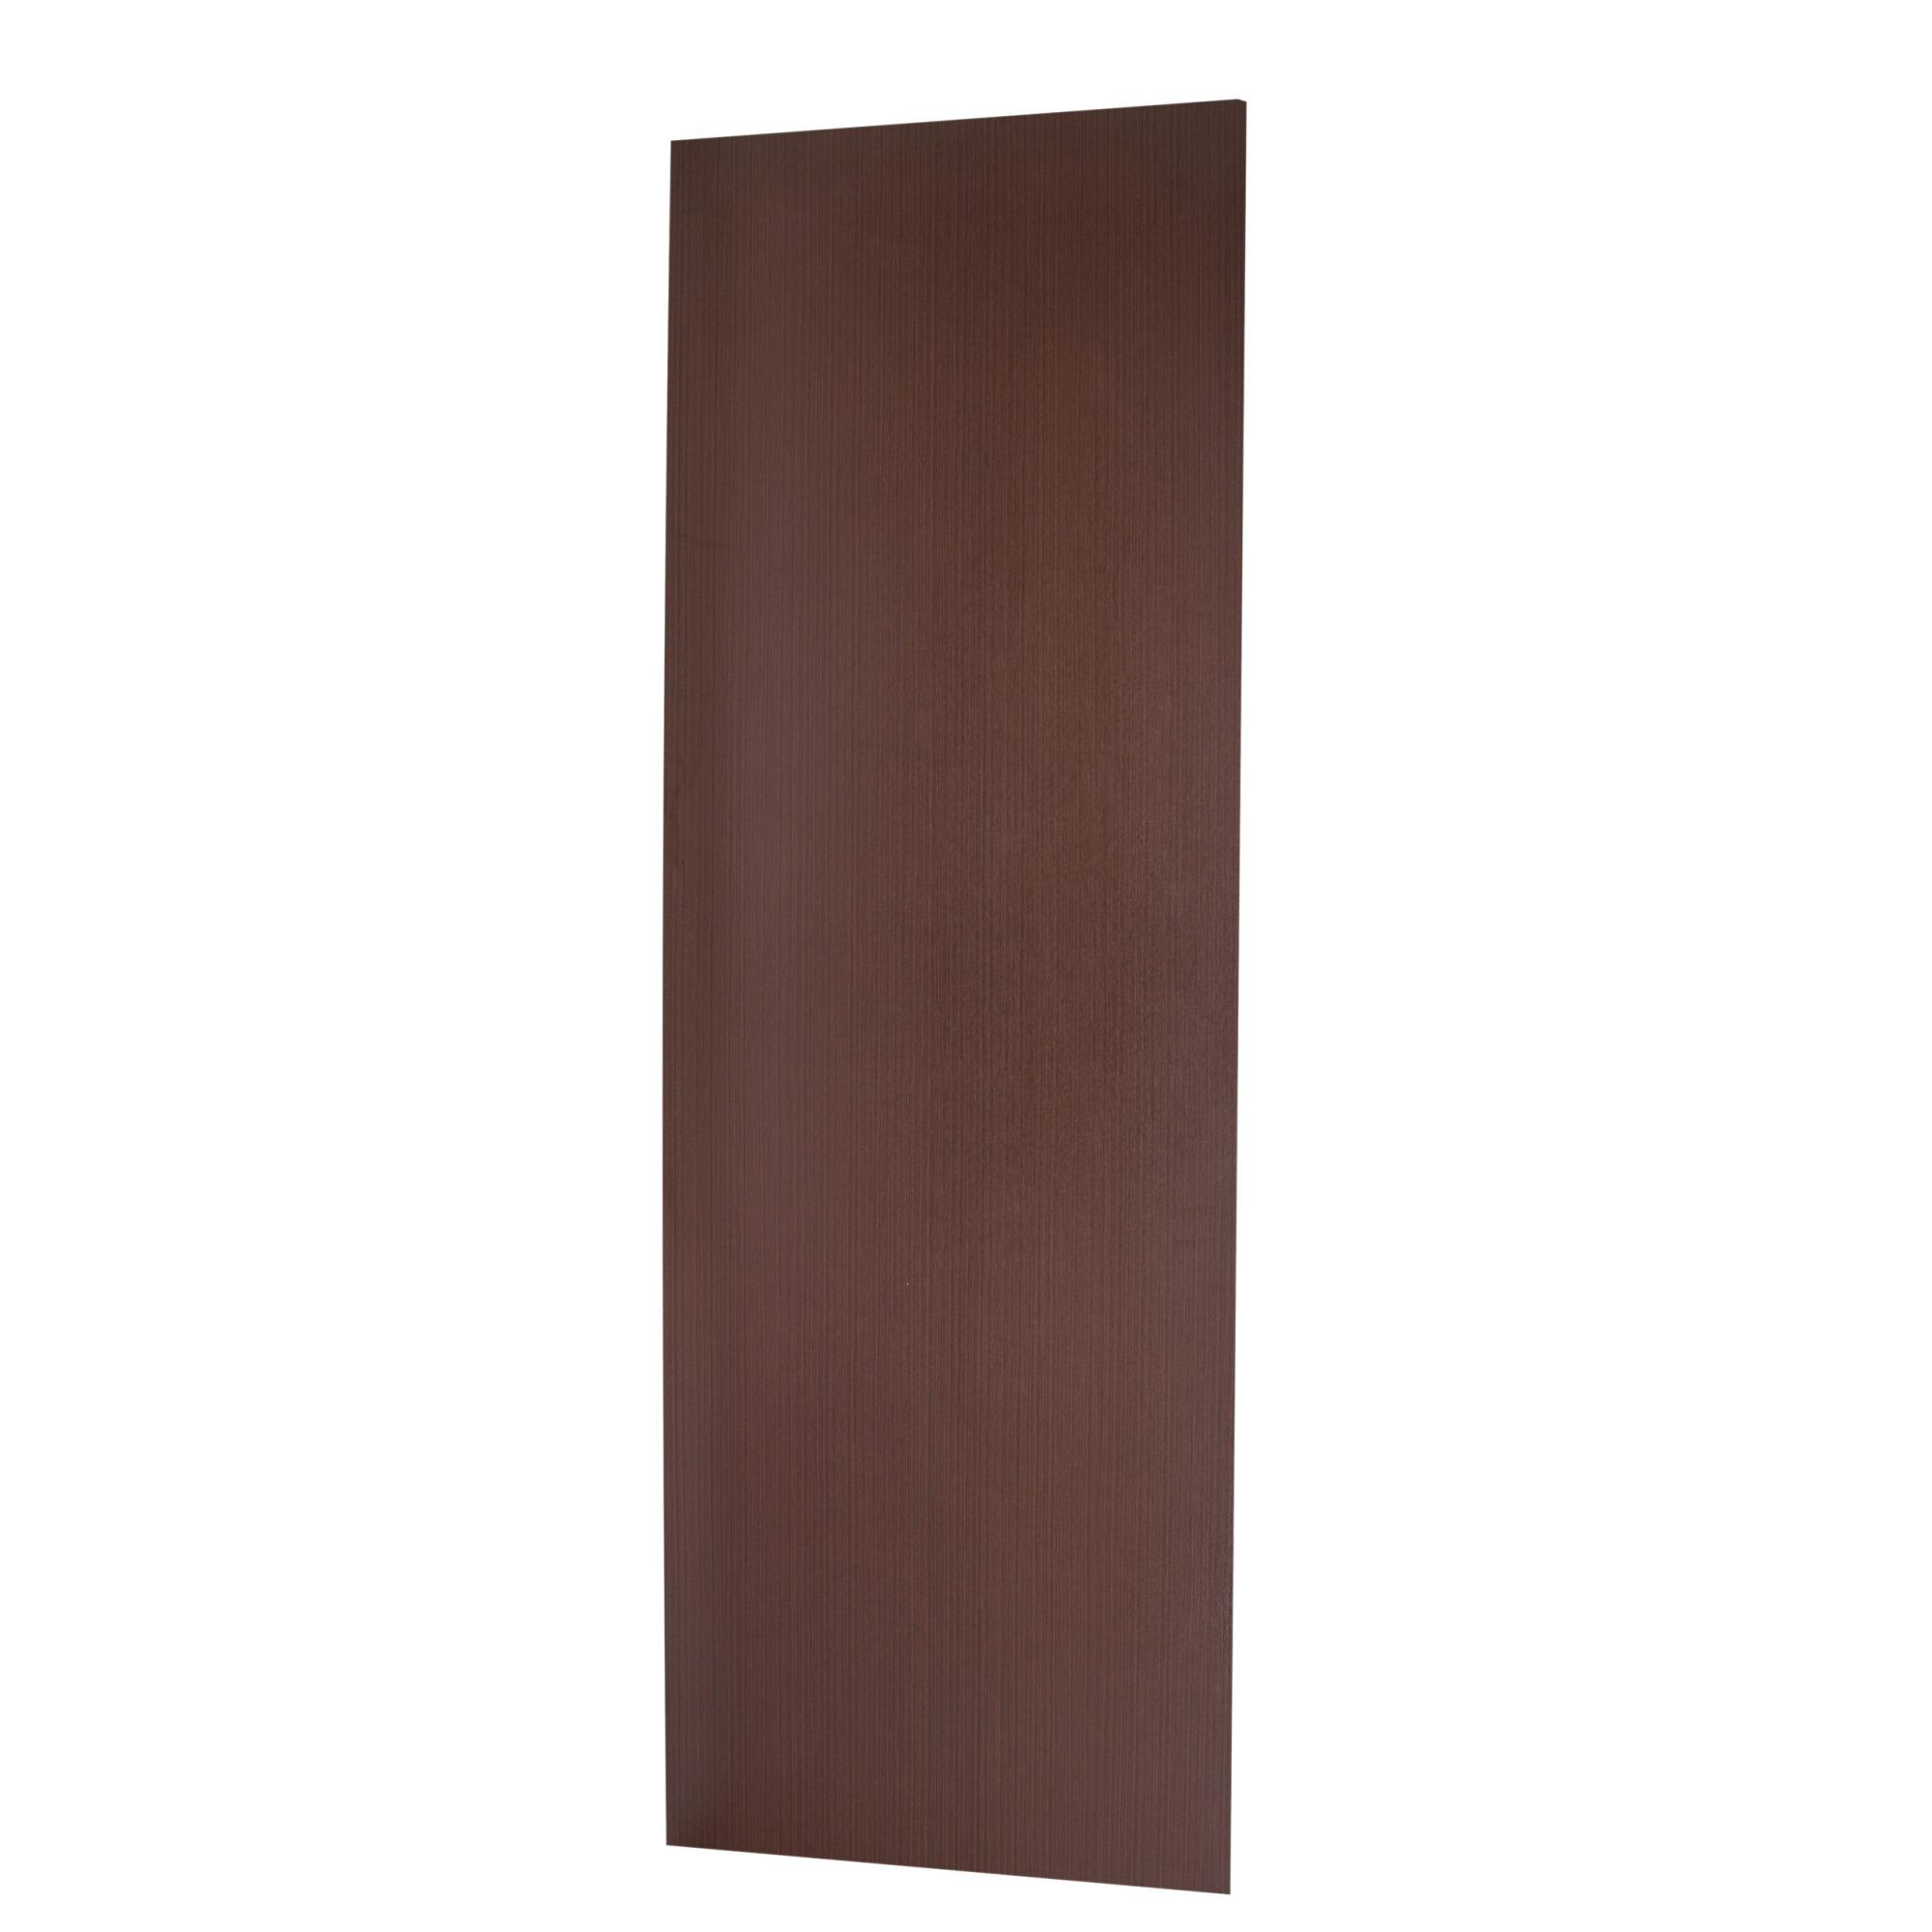 Porta de Madeira de Abrir Lisa Semissolido 70 x 210cm Pinus Branco - 537742 - Madelar